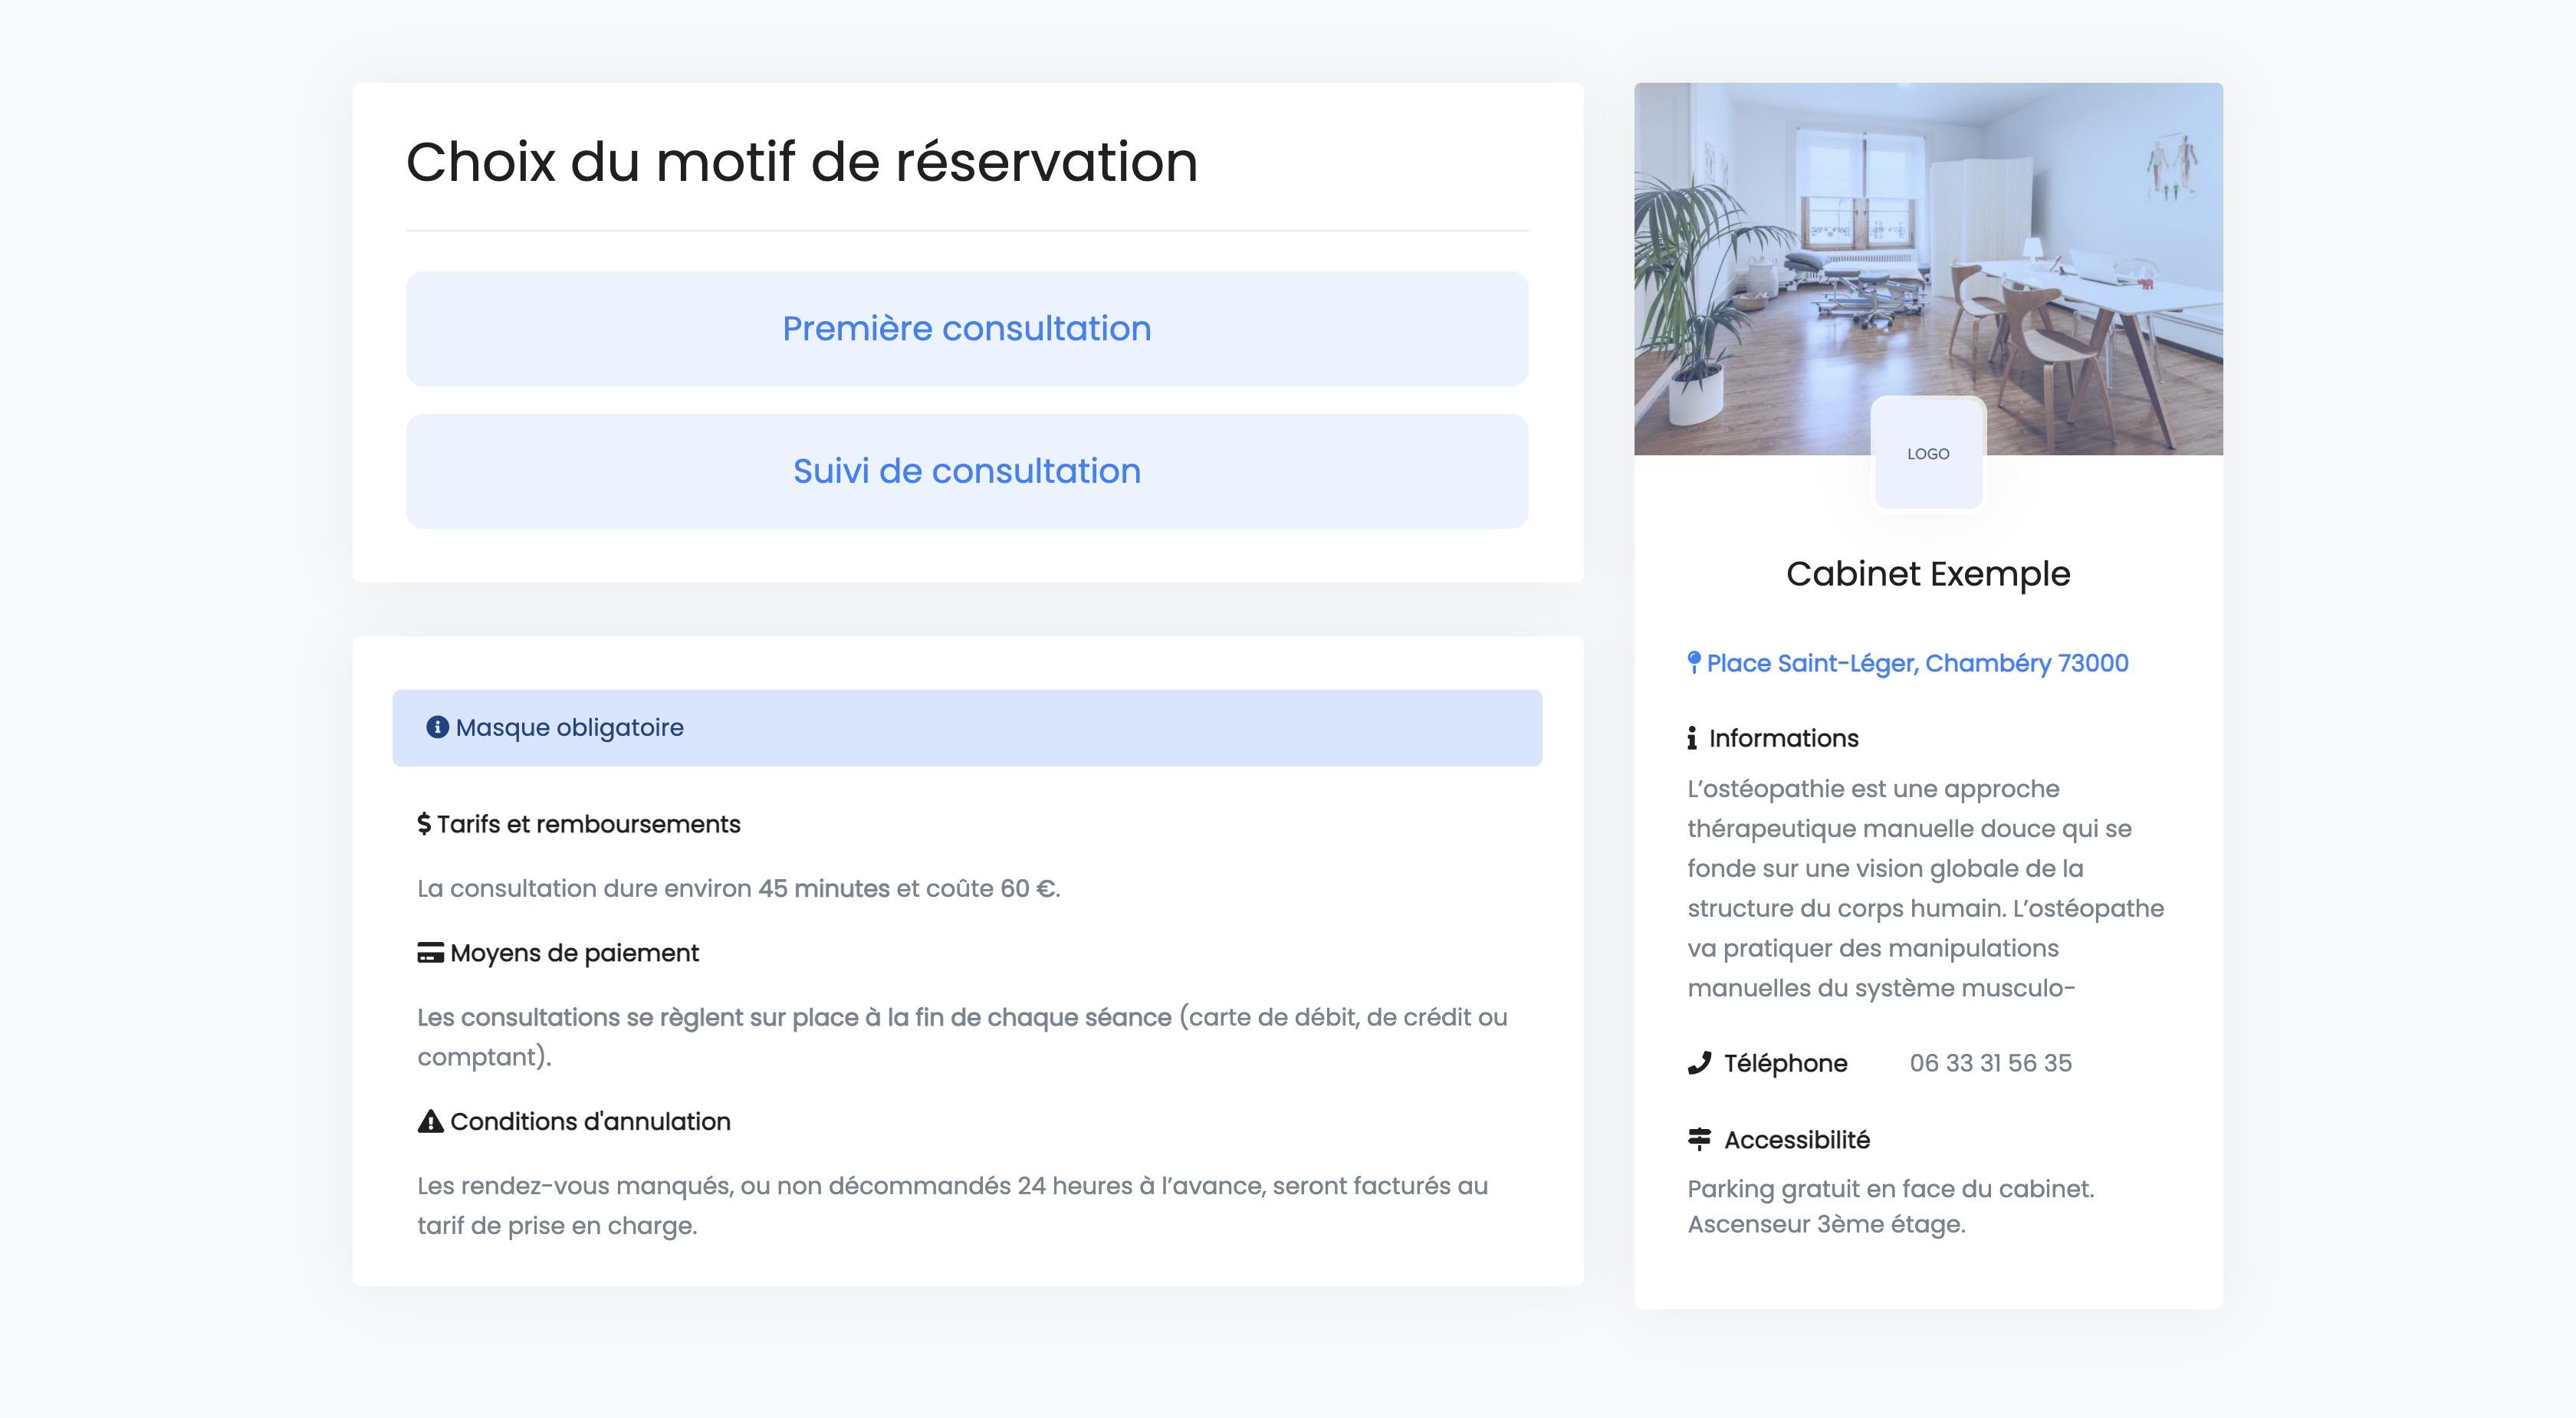 Réservation en ligne | Choix du motif de consultation | PERF'RDV